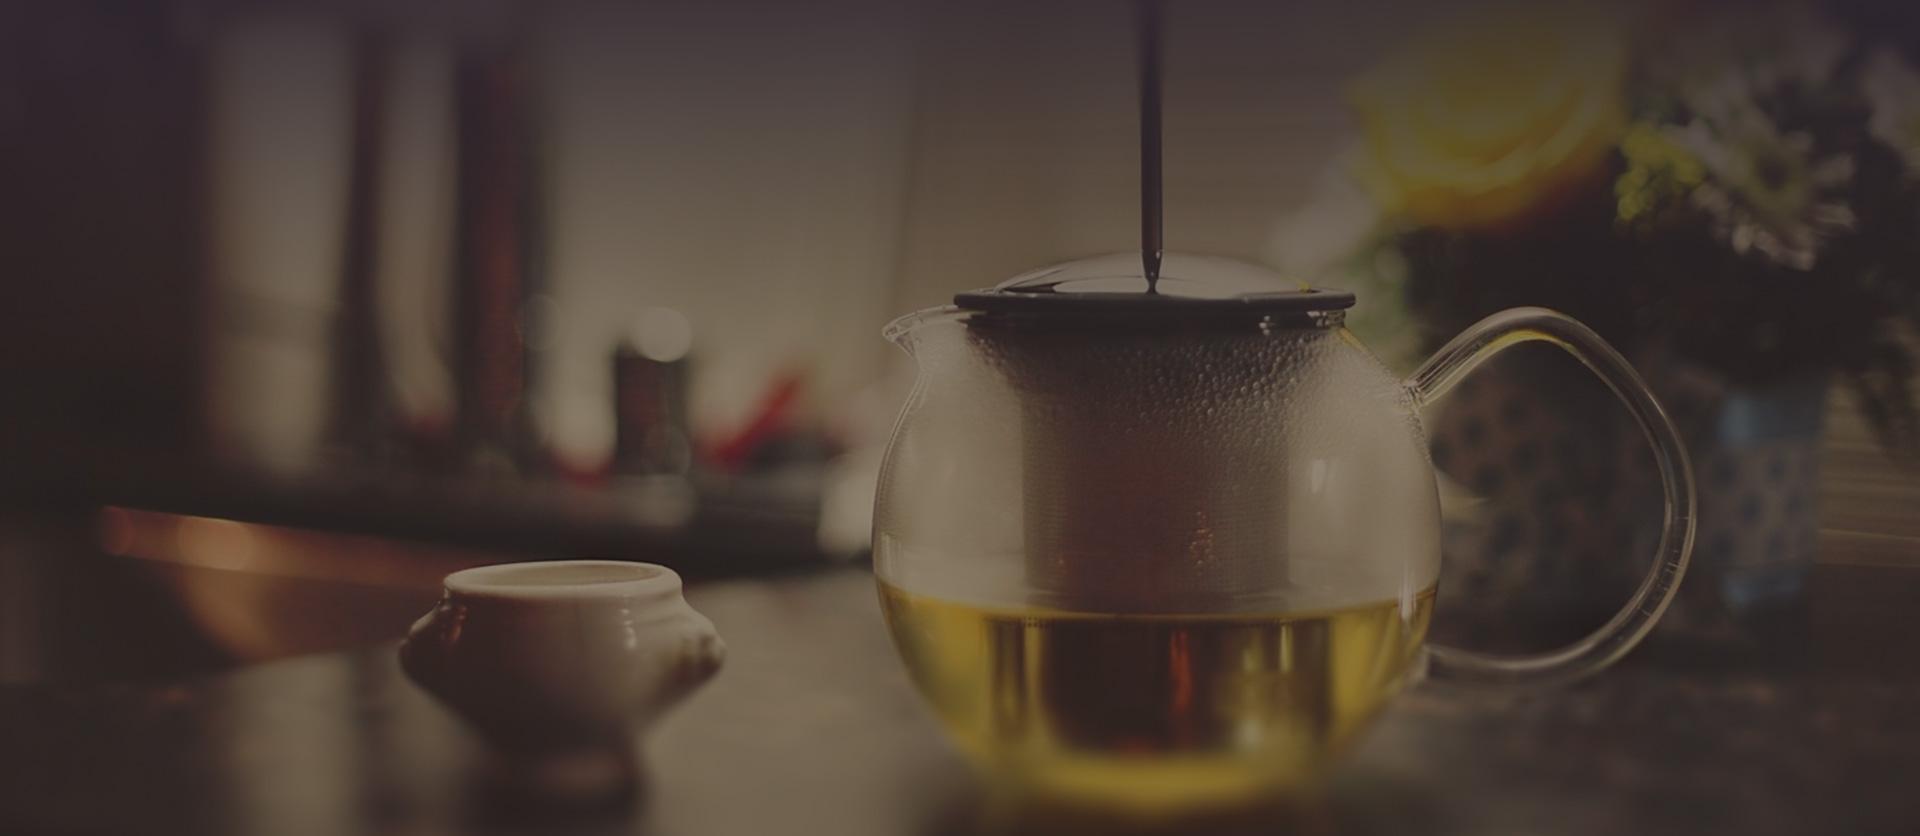 buy online green tea